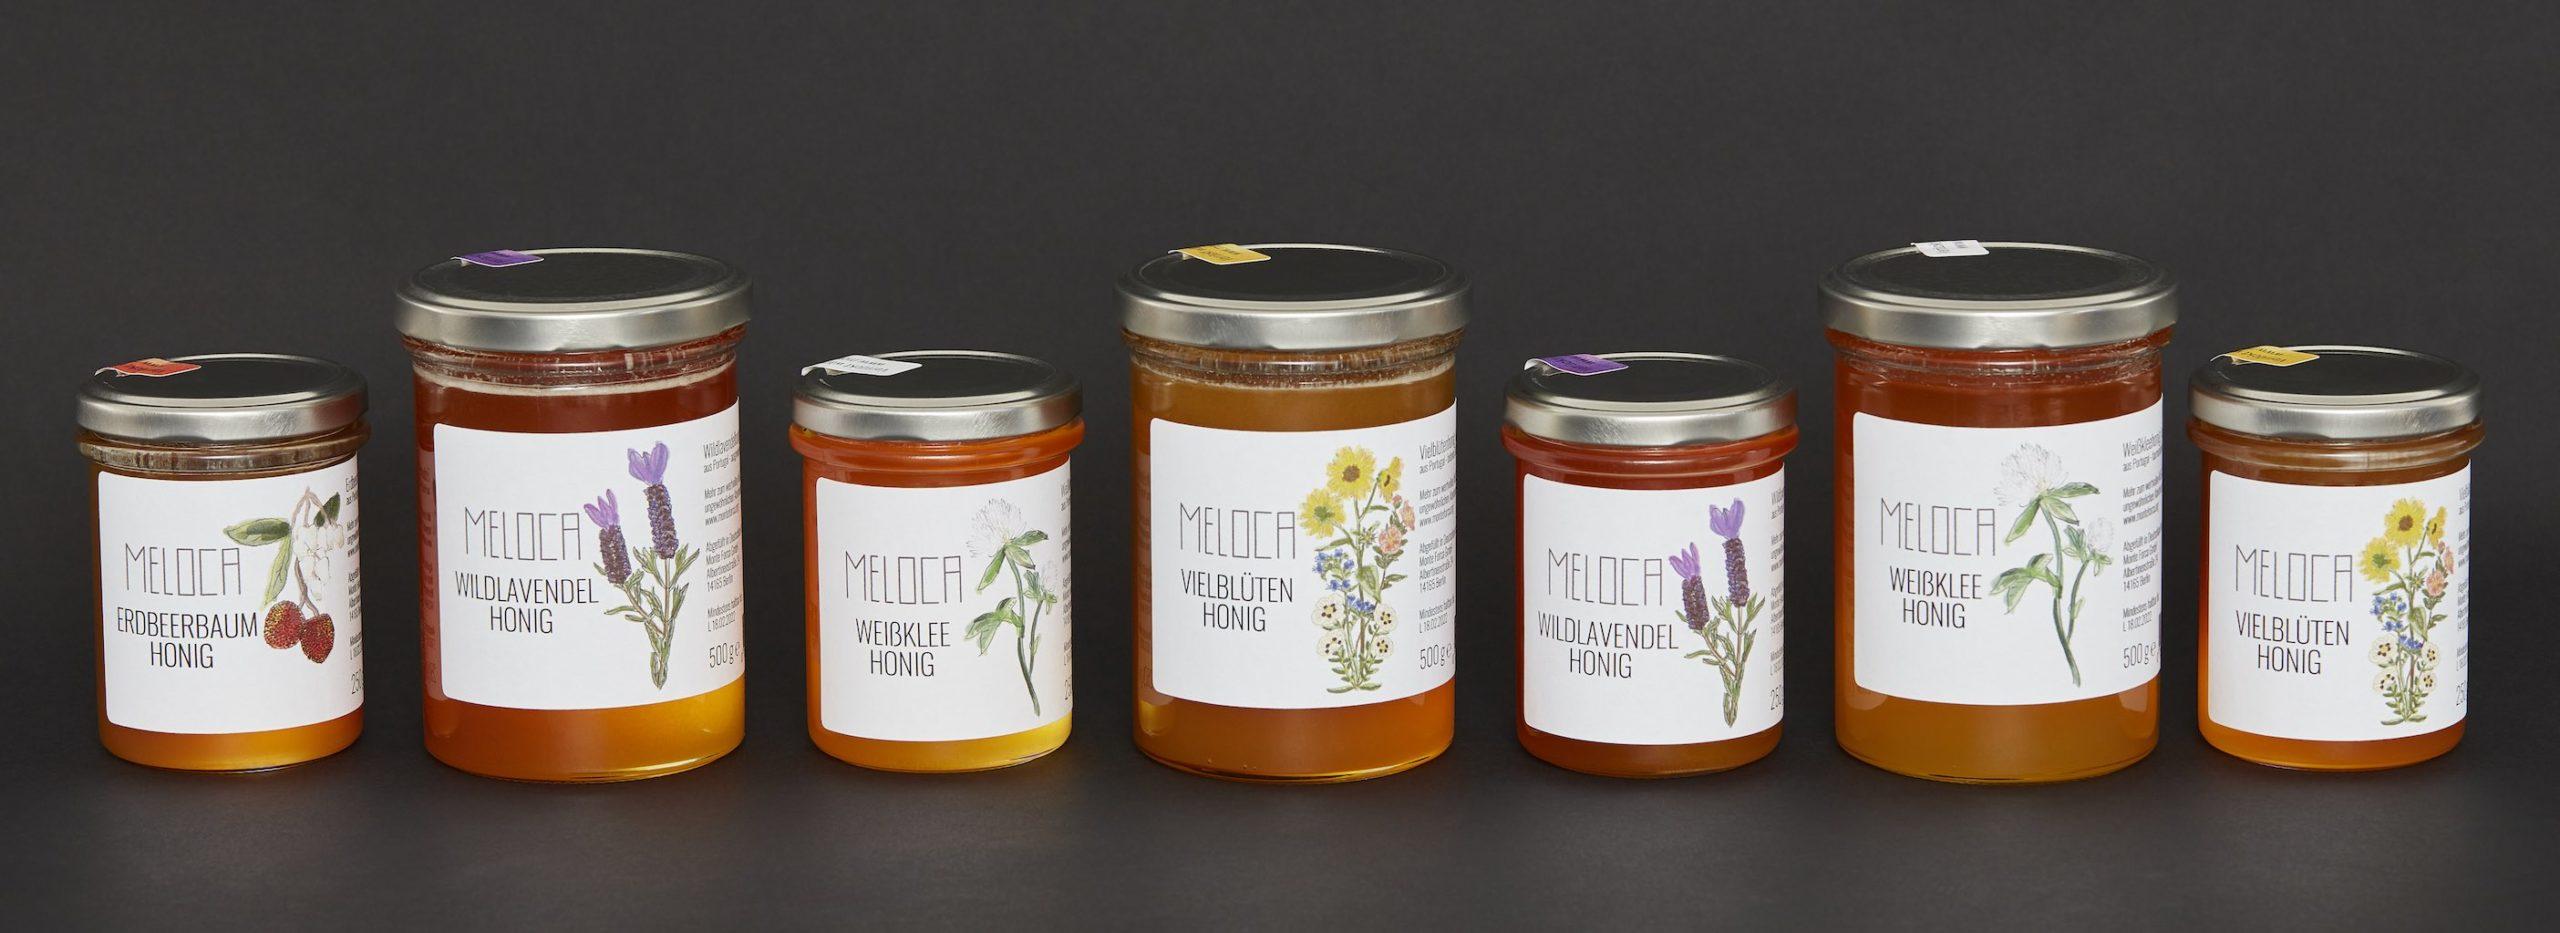 MELOCA Der Honig aus Portugal